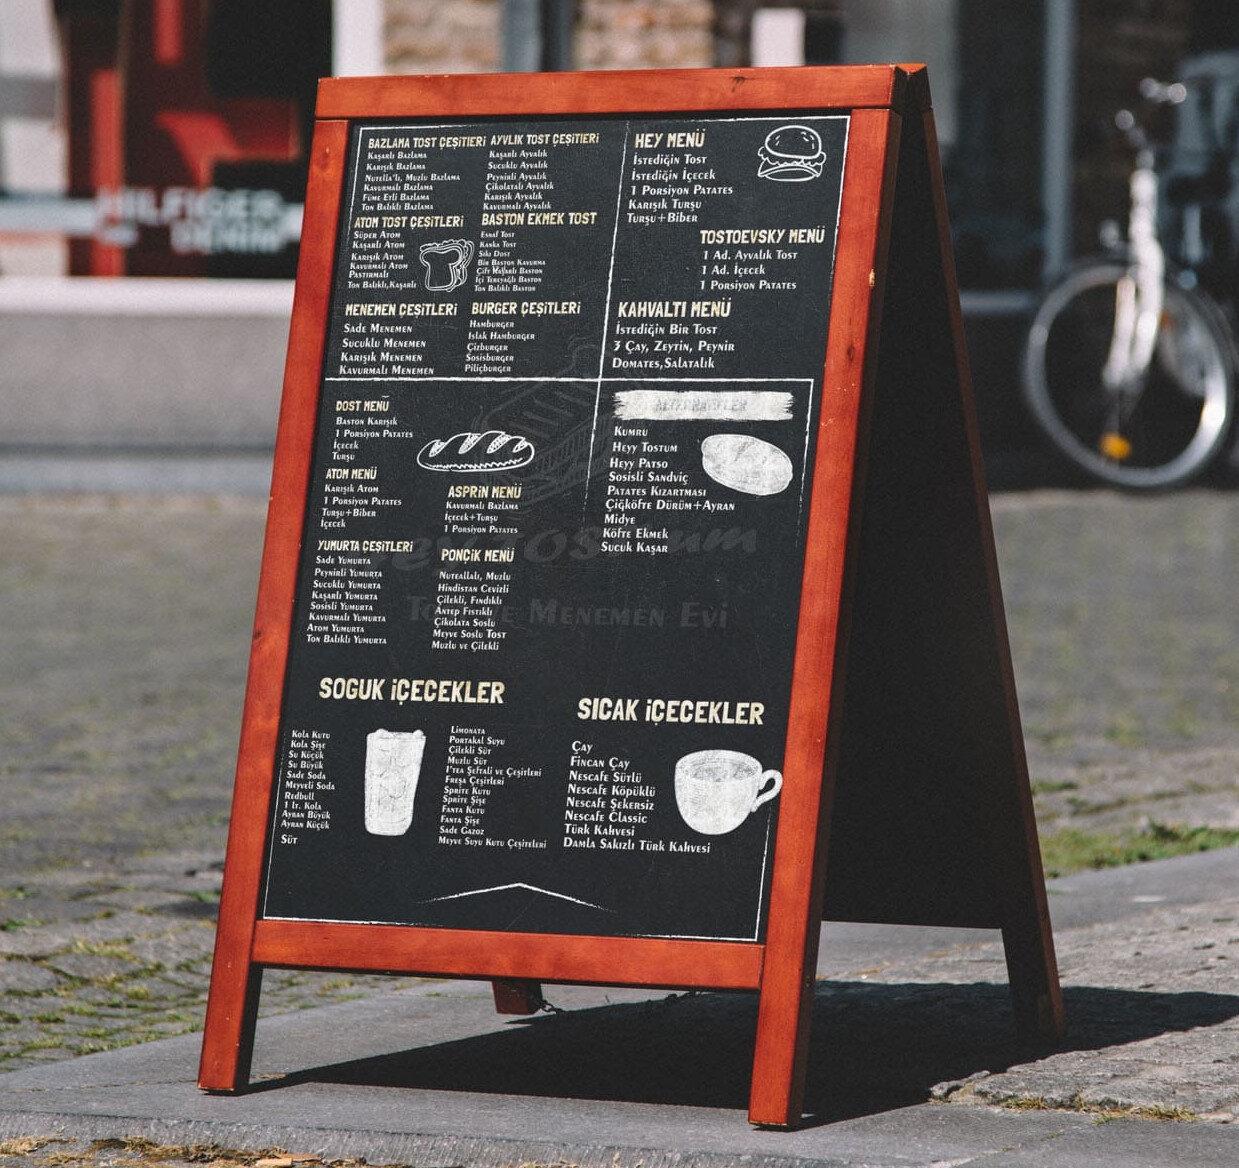 Gıdalardaki bileşenler, açıkça okunabilecek şekilde menüler, yazı tahtaları, broşür benzeri araçlar vasıtasıyla son tüketiciye sunulacak.